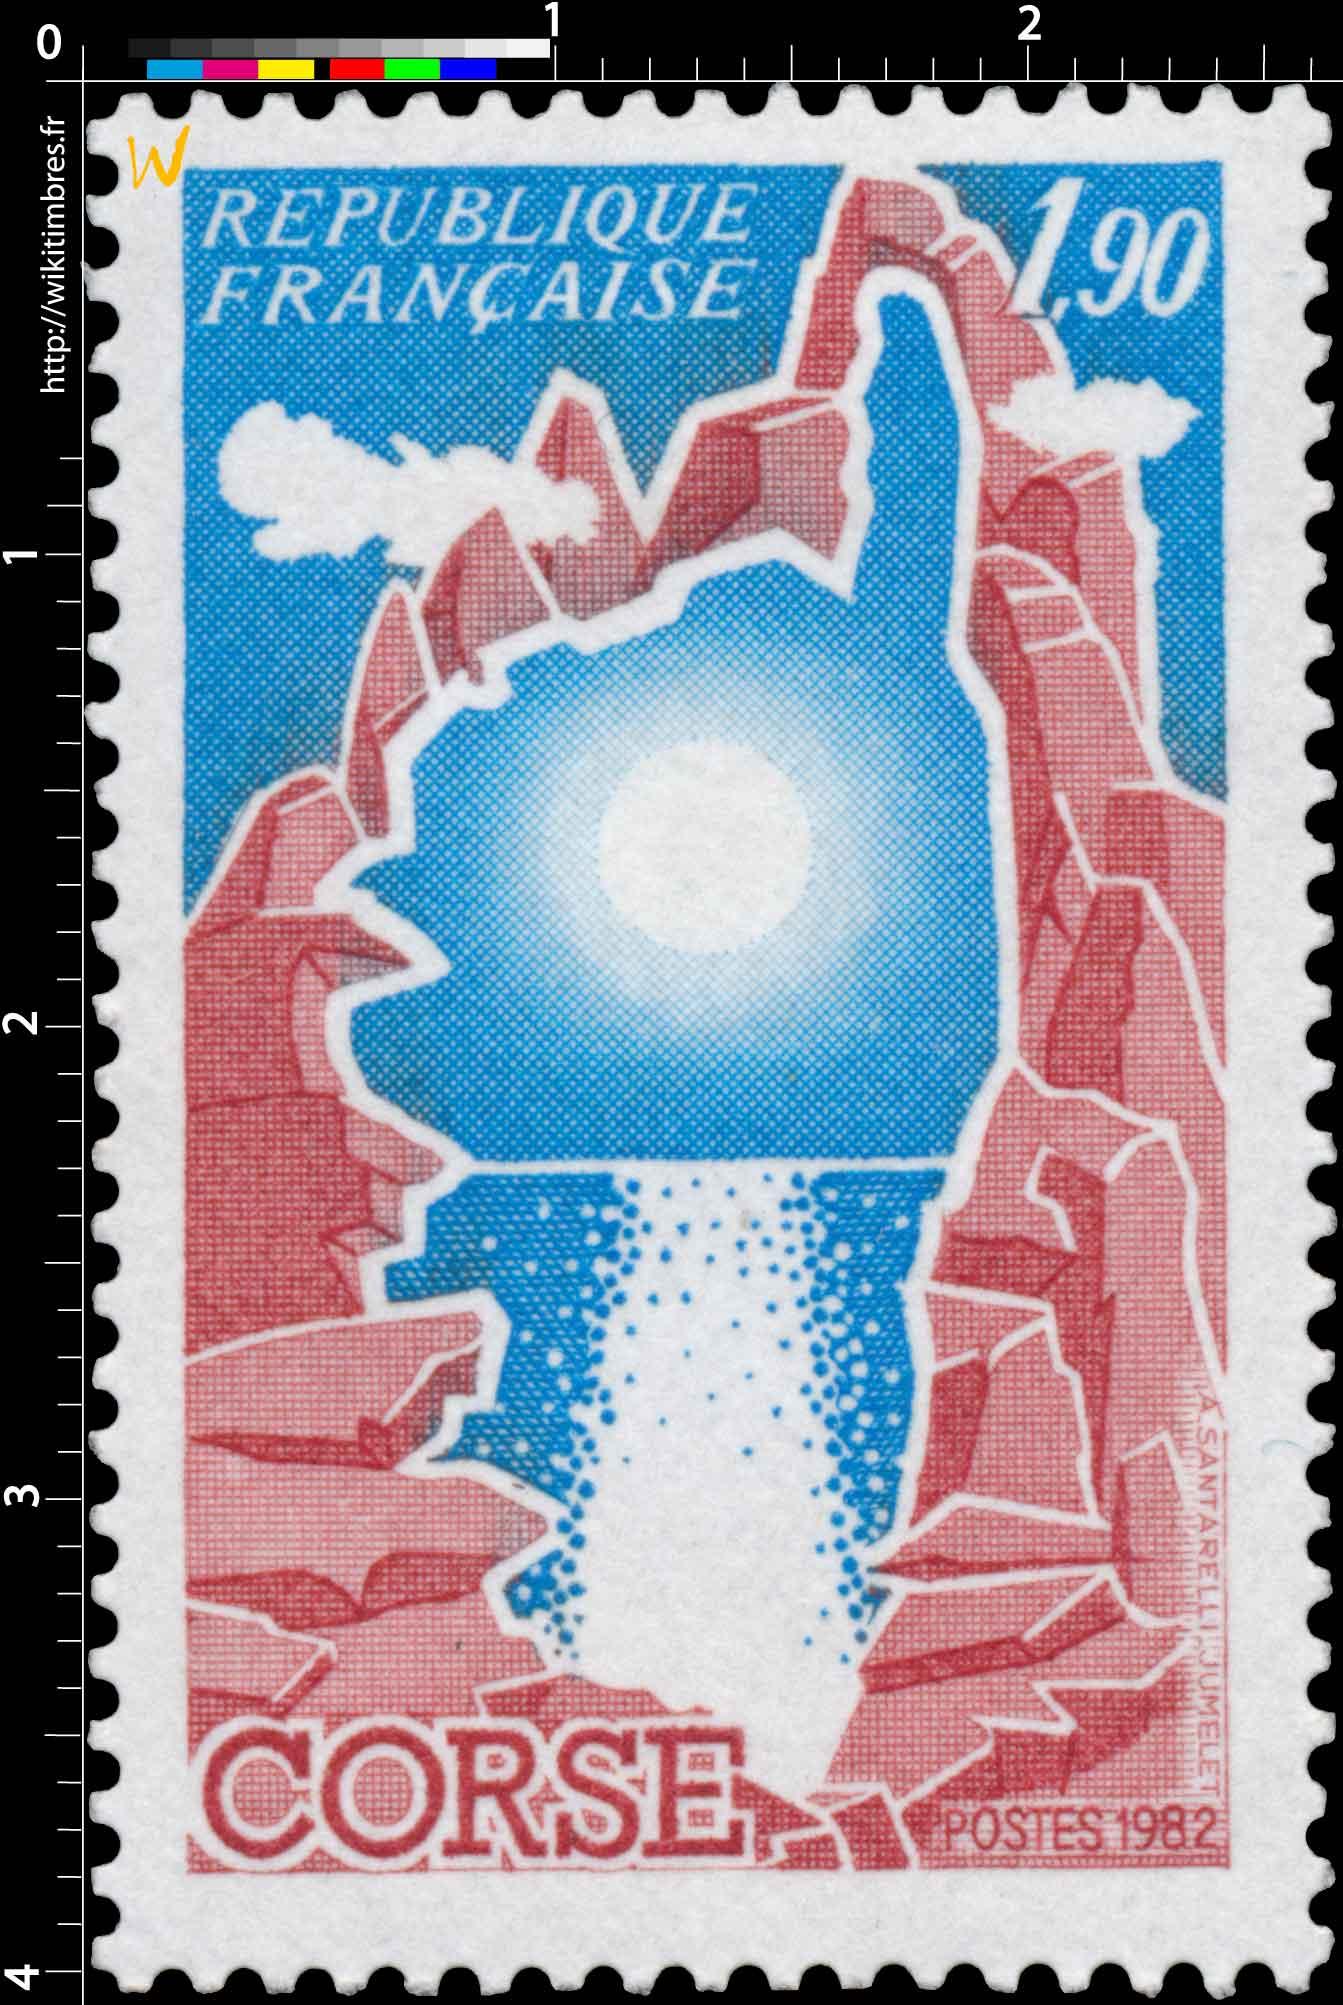 1982 CORSE